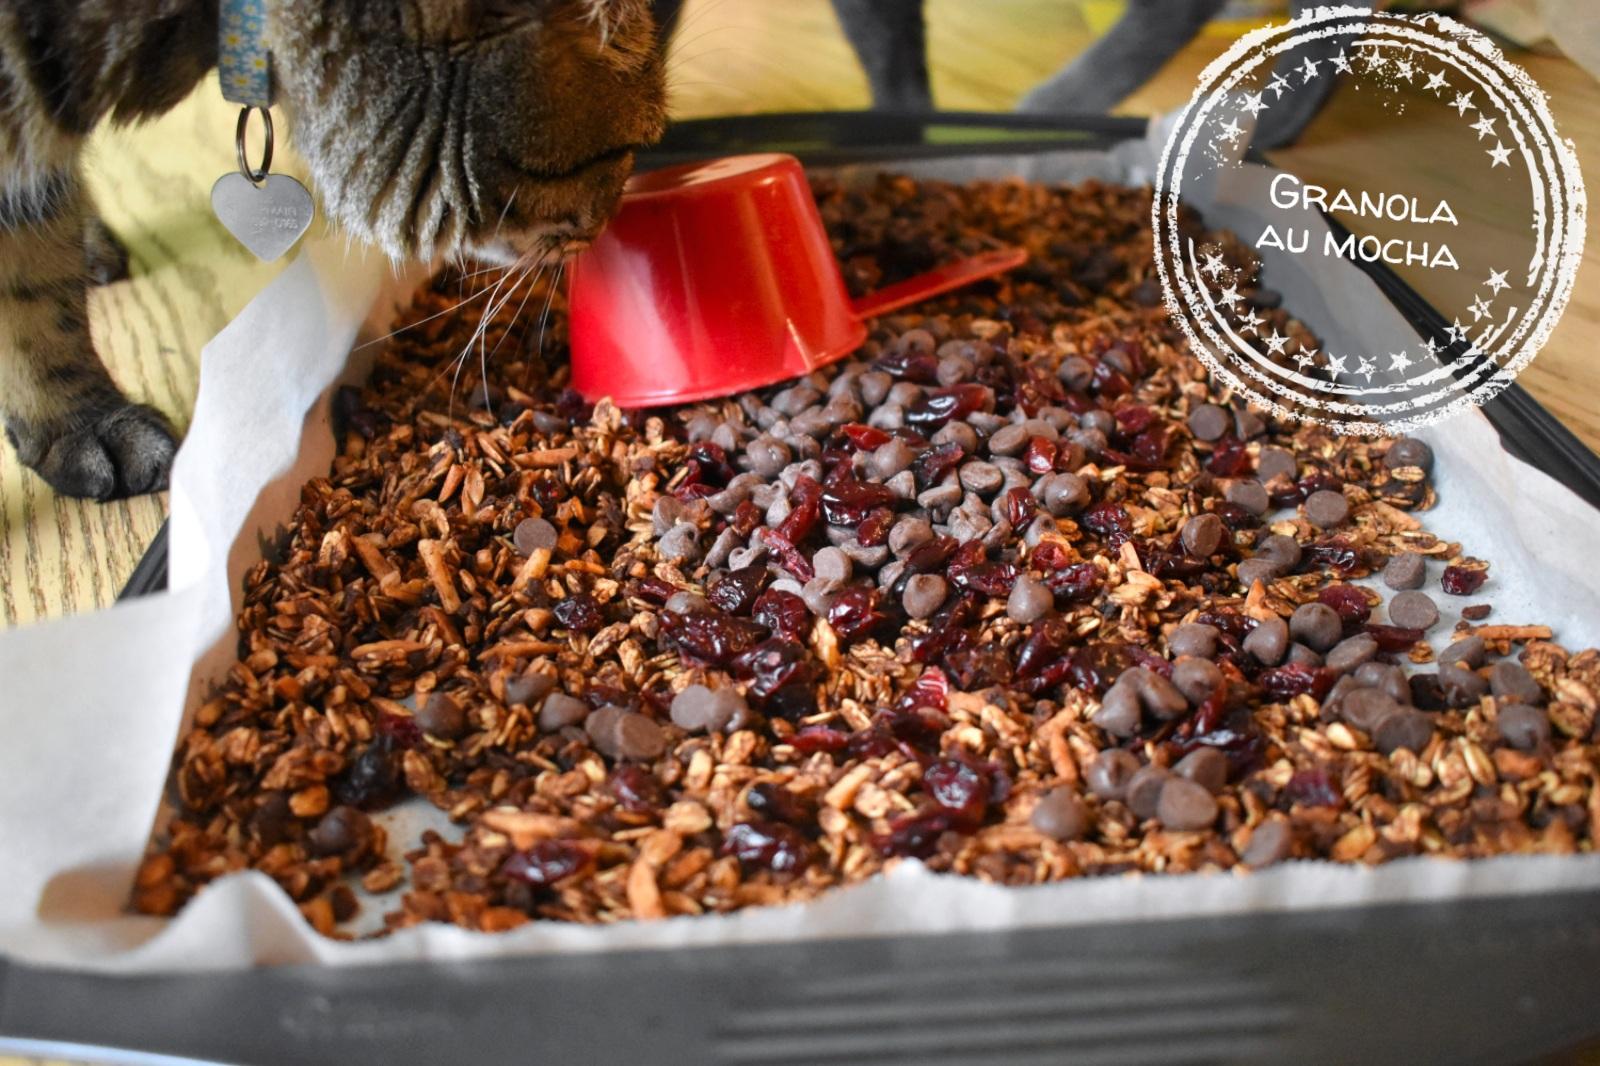 Granola au mocha - Auboutdelalangue.com (9)